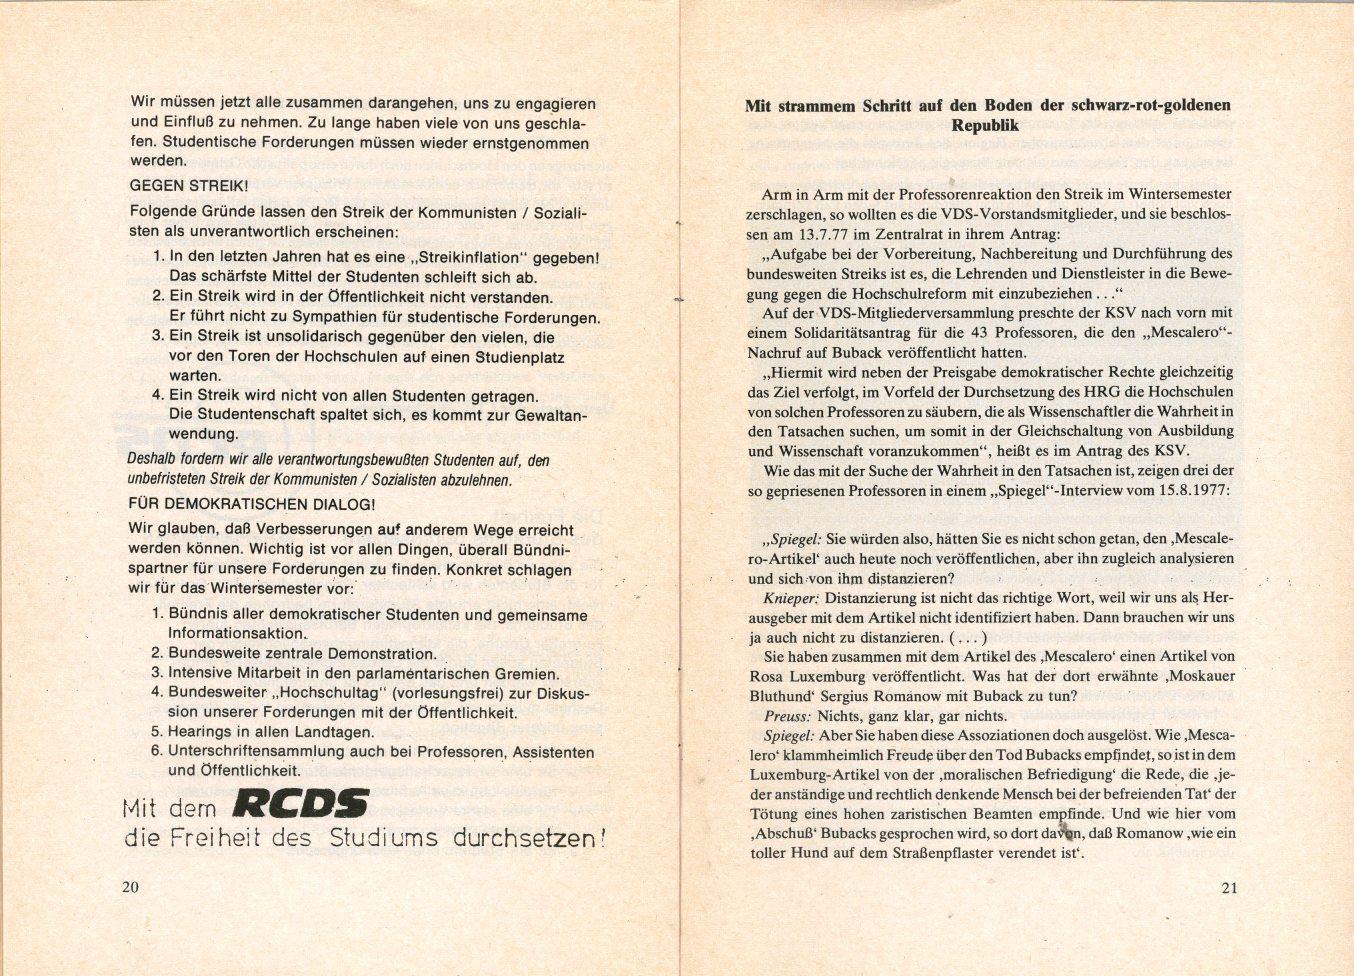 VDS_KBW_1977_MV_in_Giessen_11